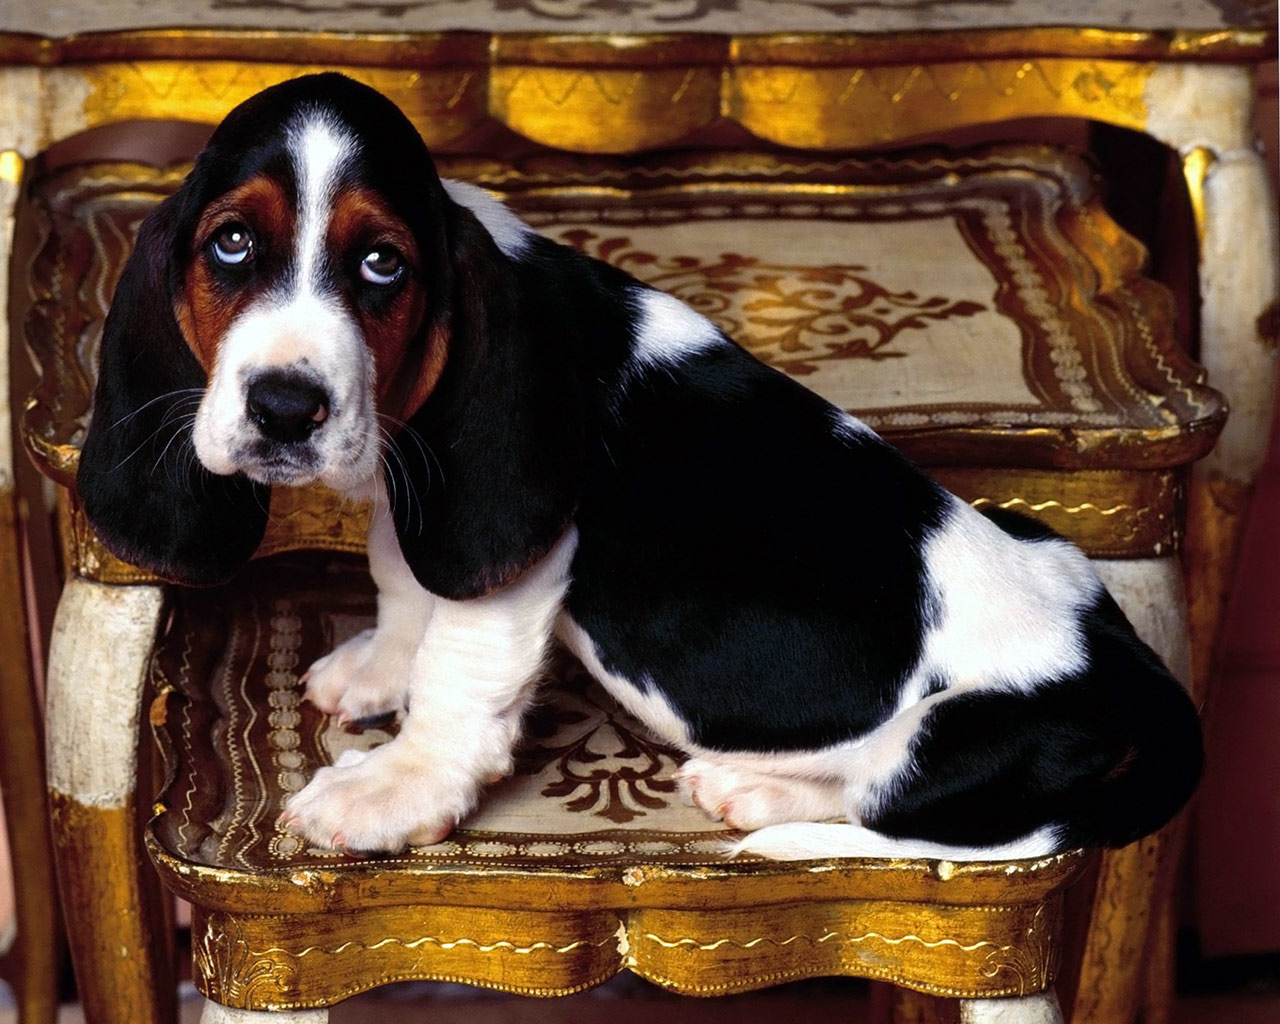 Basset Hound dog wallpaper